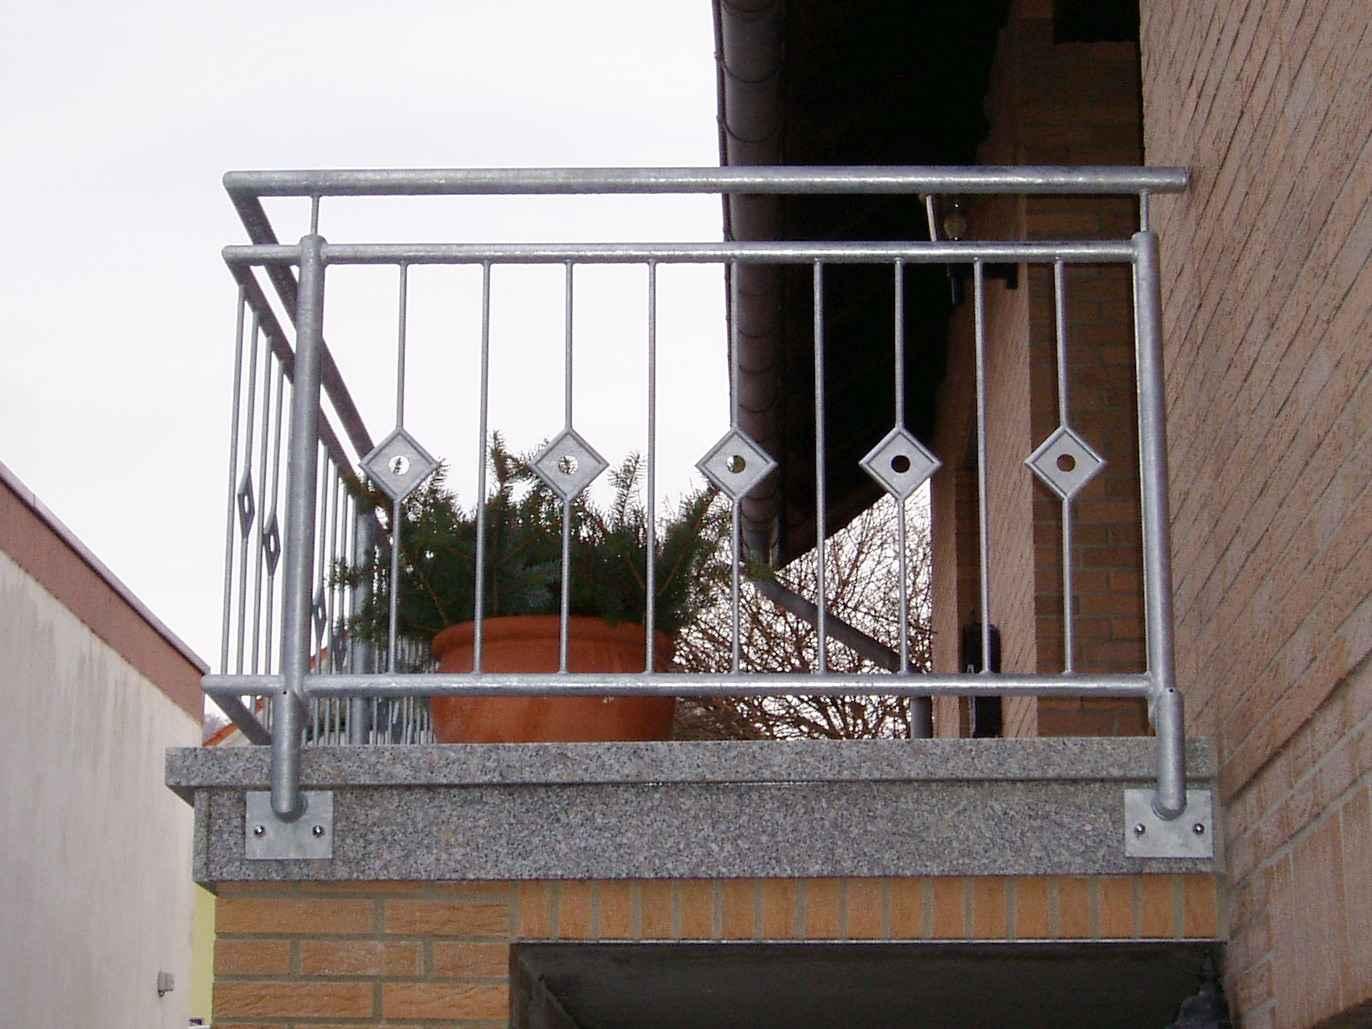 Hirsch Metallbau Treppengeländer 001 - Treppengeländer-01